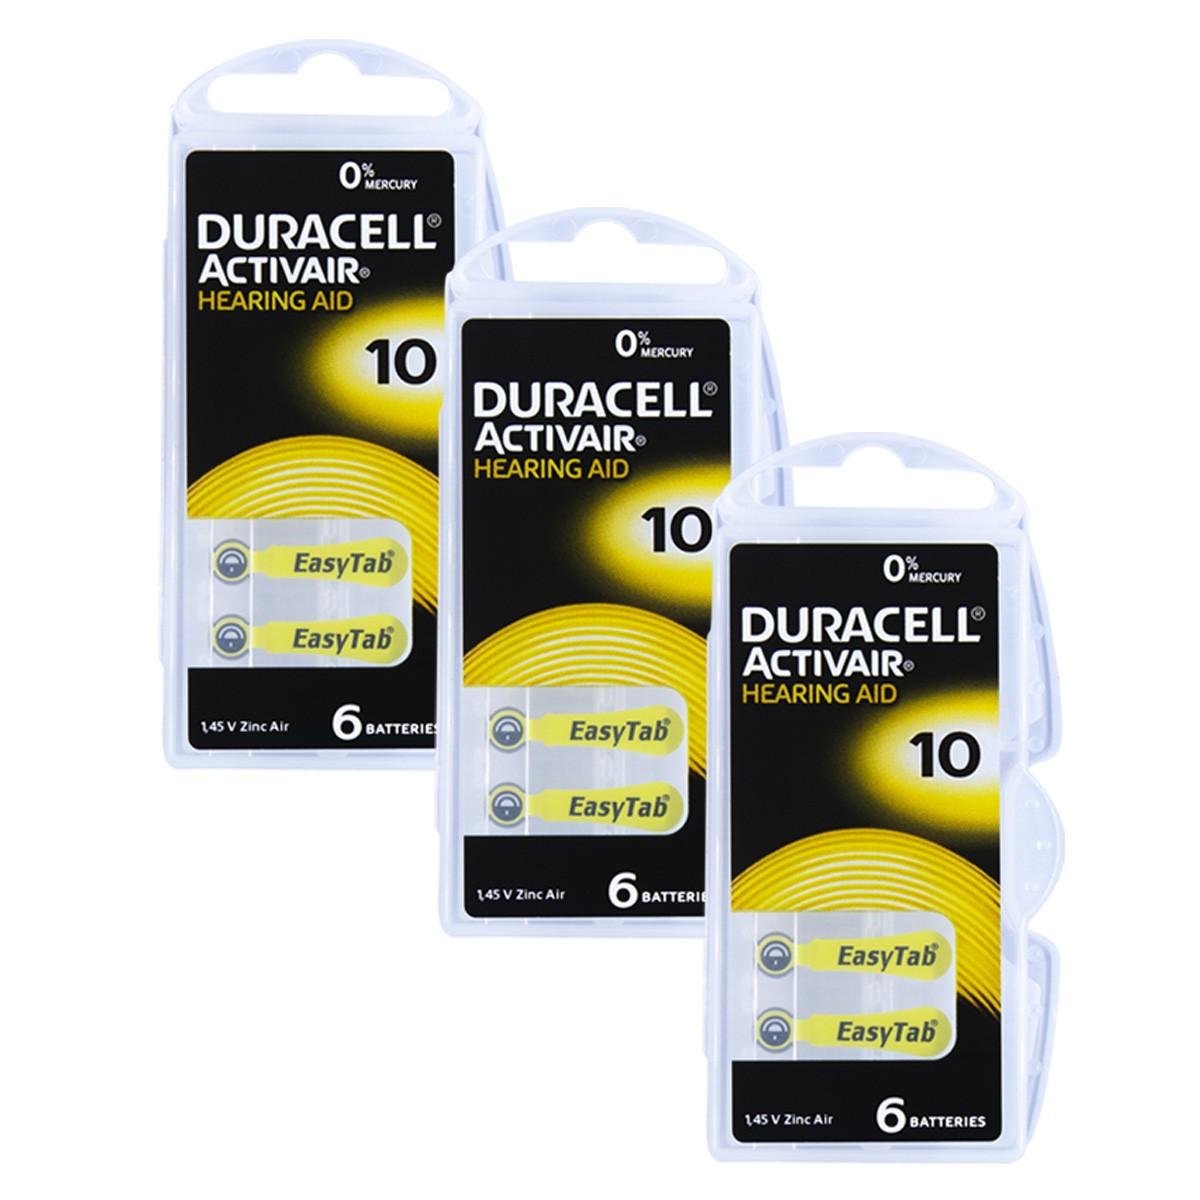 18 Pilhas DA10 DURACELL baterias PR70 Aparelho auditivo